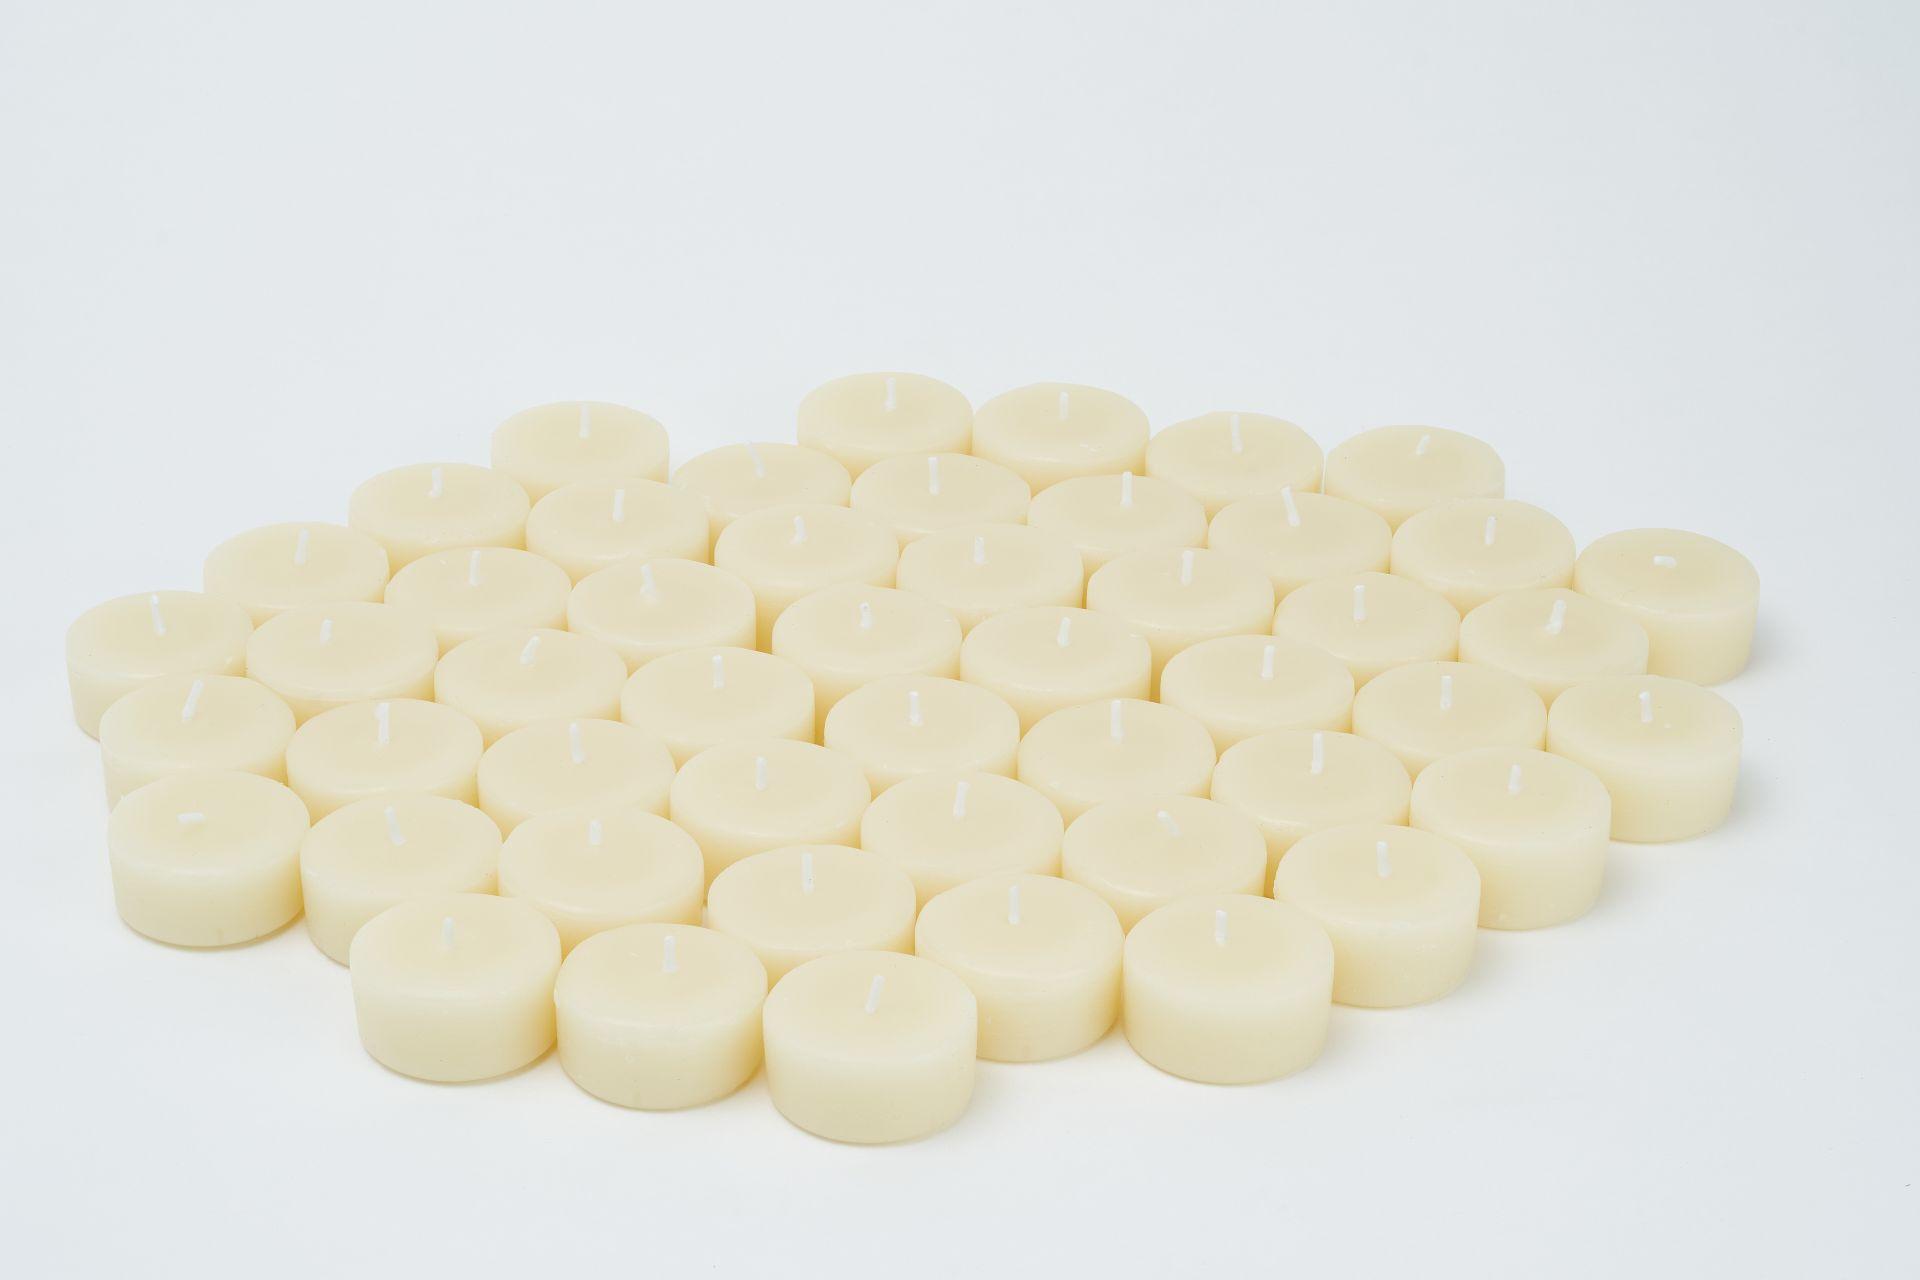 Teelichter aus 100% Bienenwachs - 50 Stk in weiß